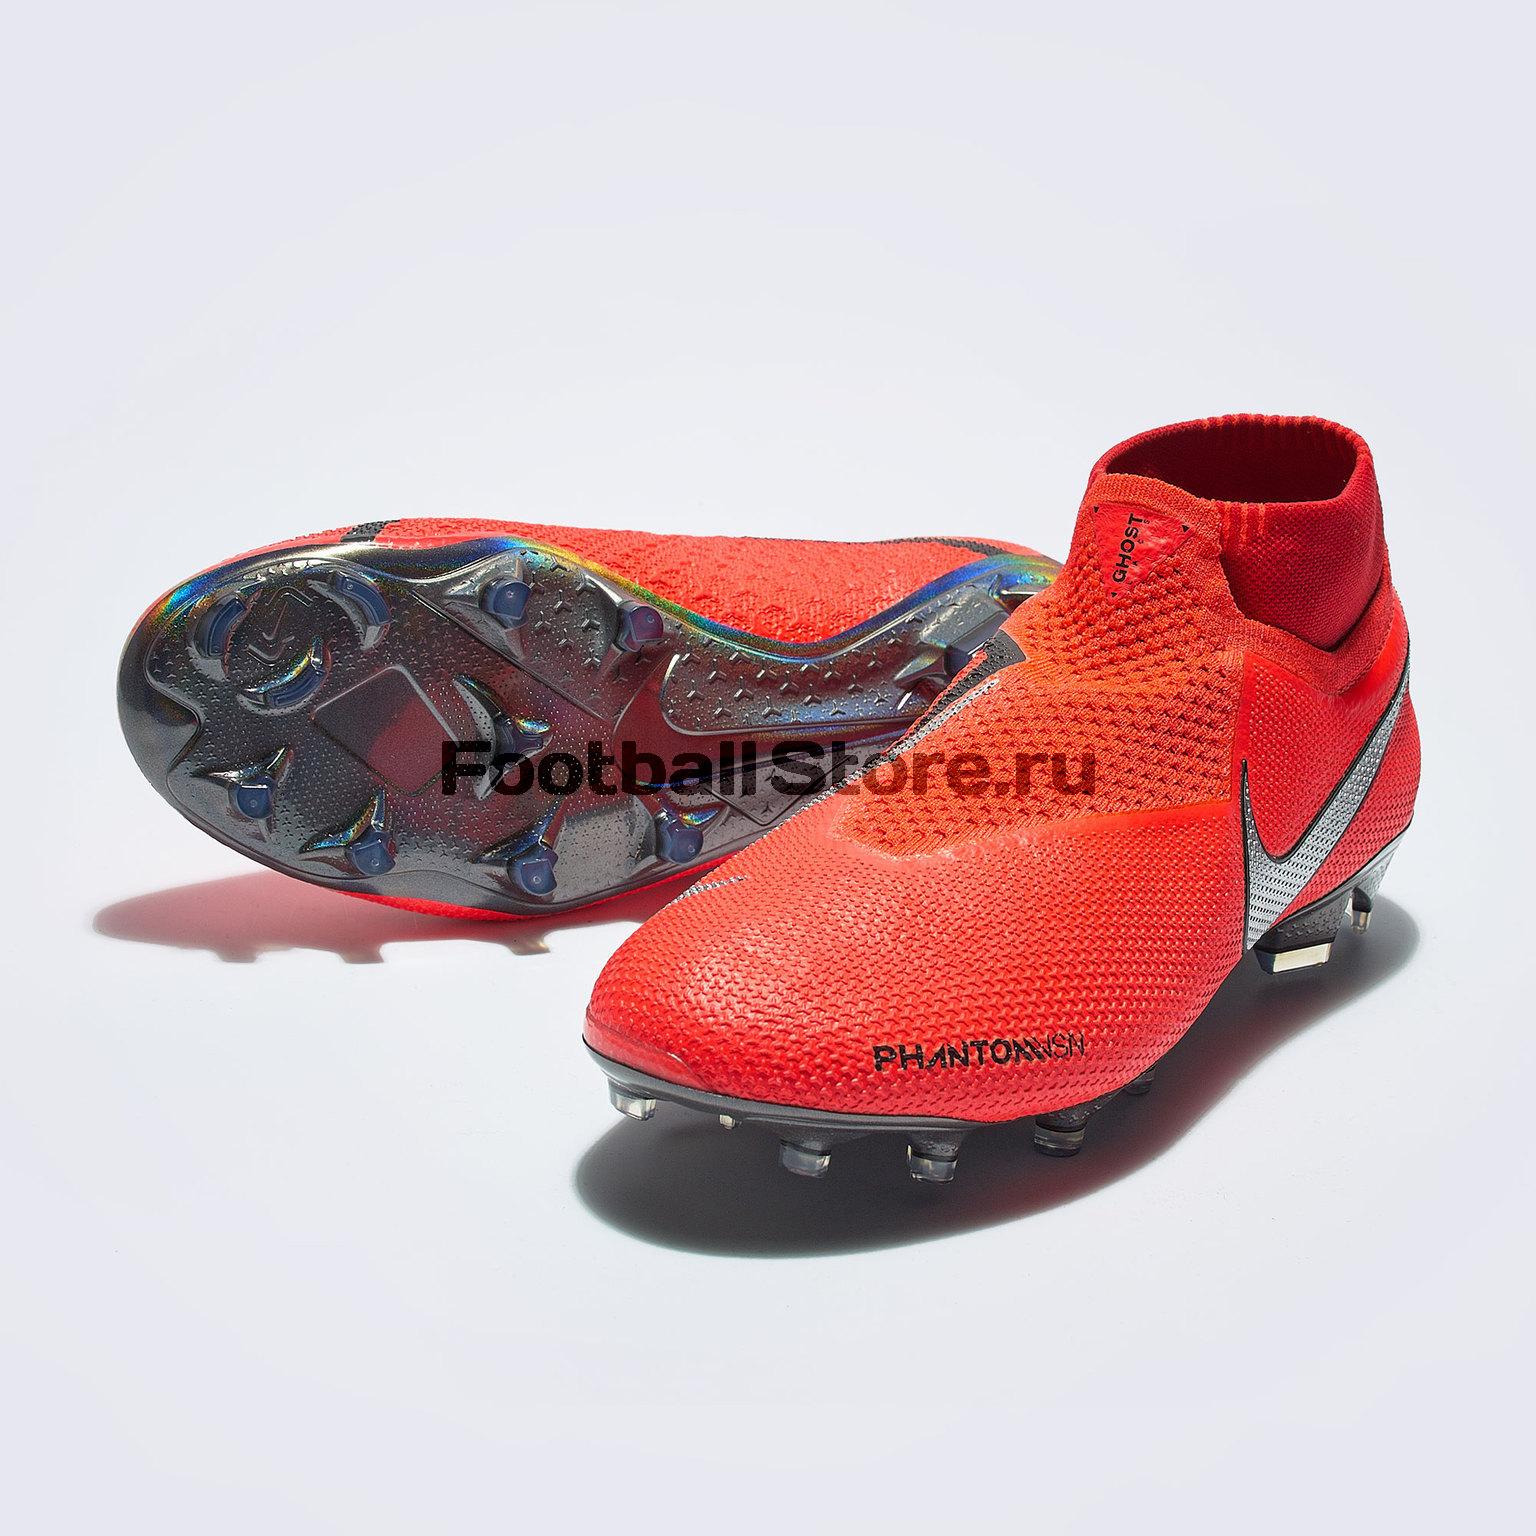 Бутсы Nike Phantom Vision Elite DF FG AO3262-600 бутсы детские nike phantom vision elite df fg mg ao3289 600